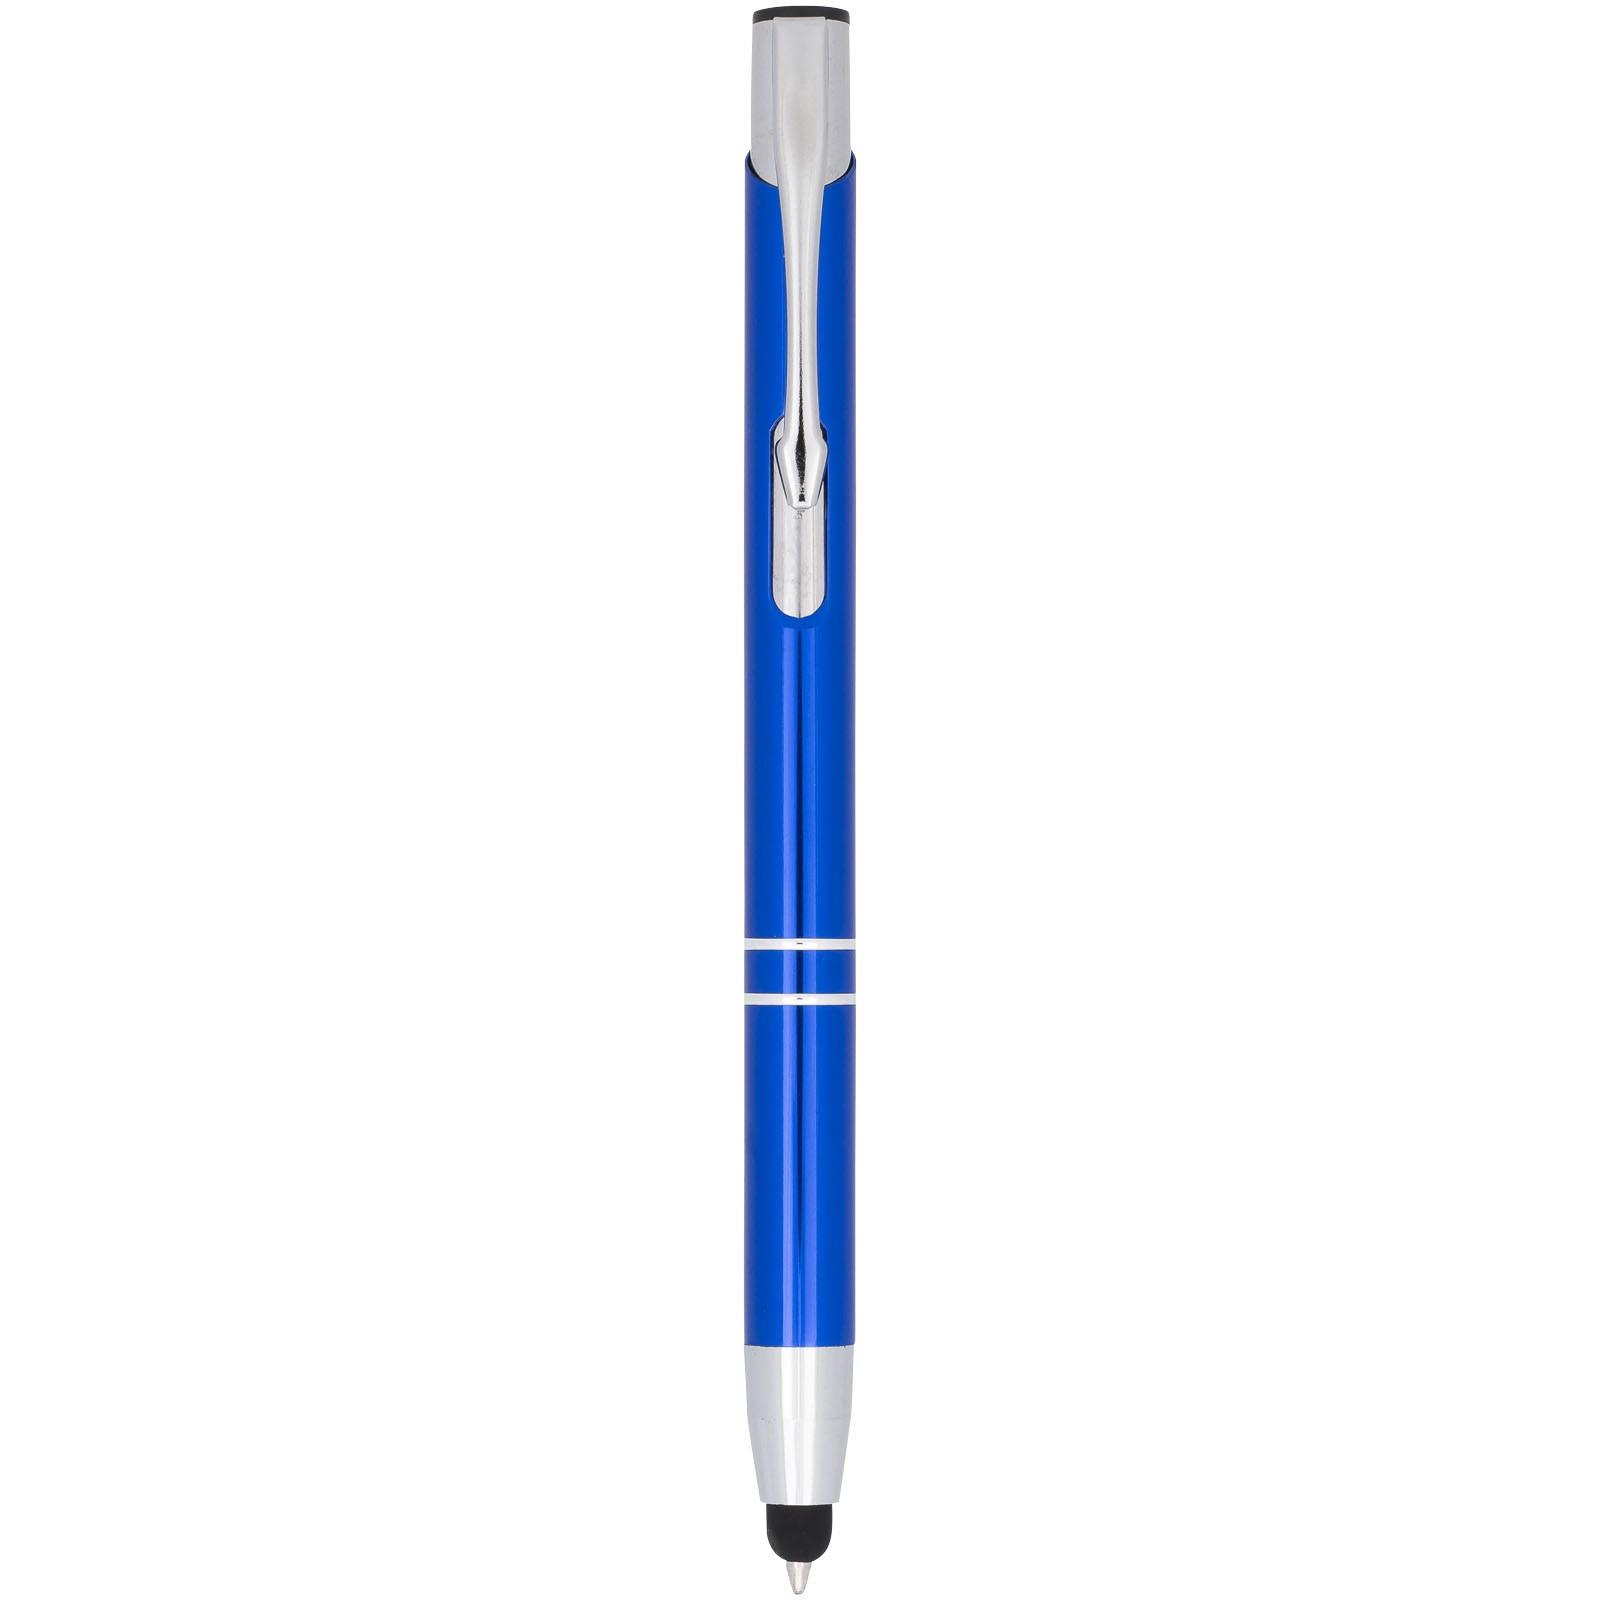 Kuličkové pero Moneta s kovovým úchopem - Světle modrá